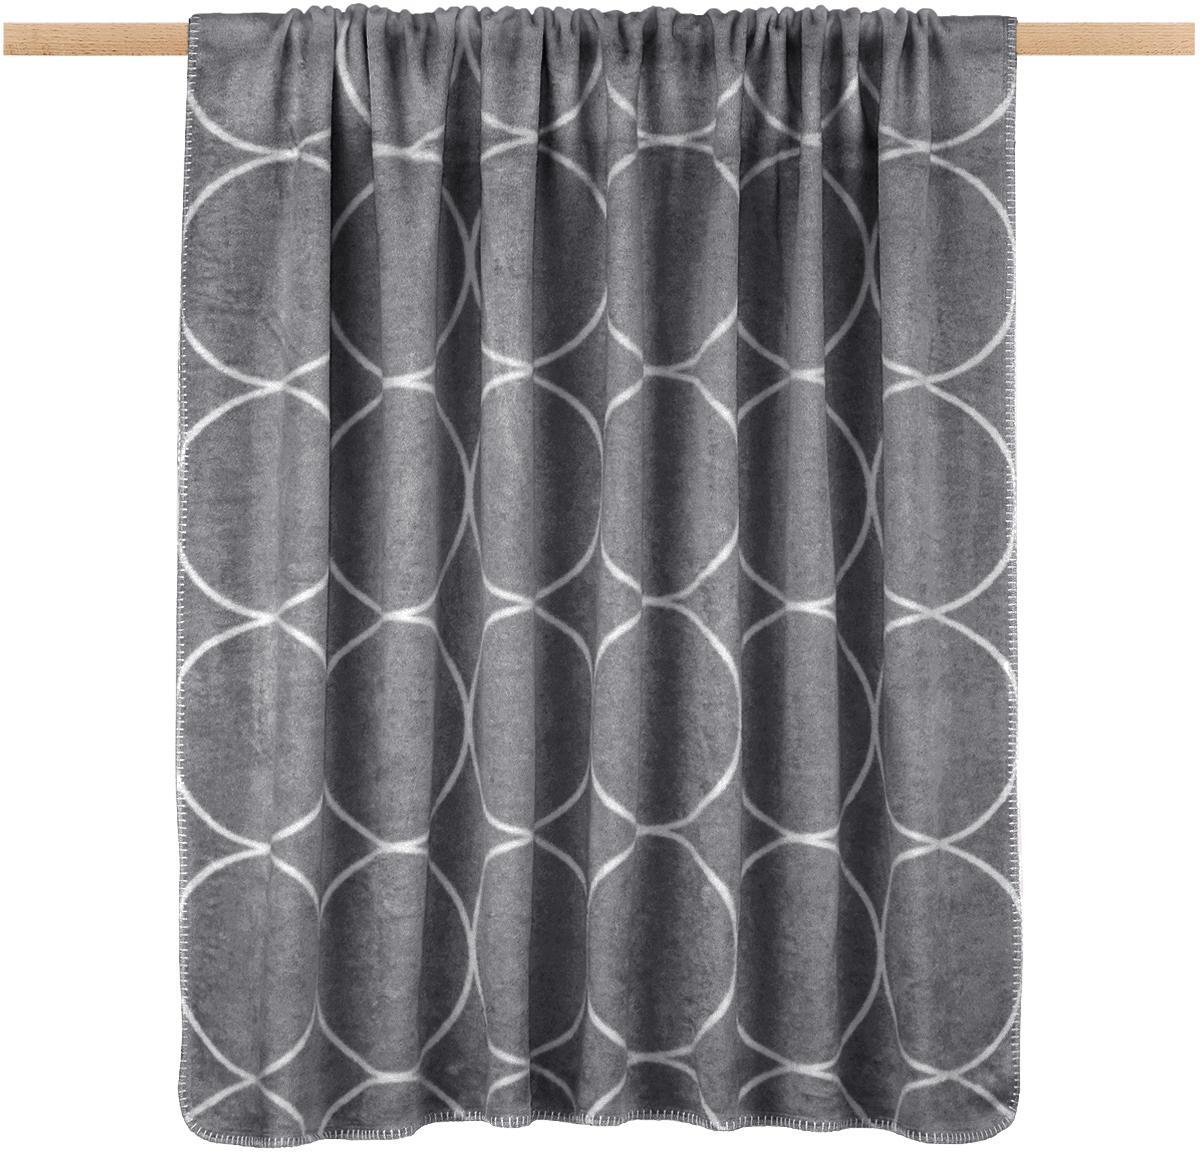 Manta doble cara de gamuza Bamboo Circles, Gris antracita, An 150 x L 200 cm